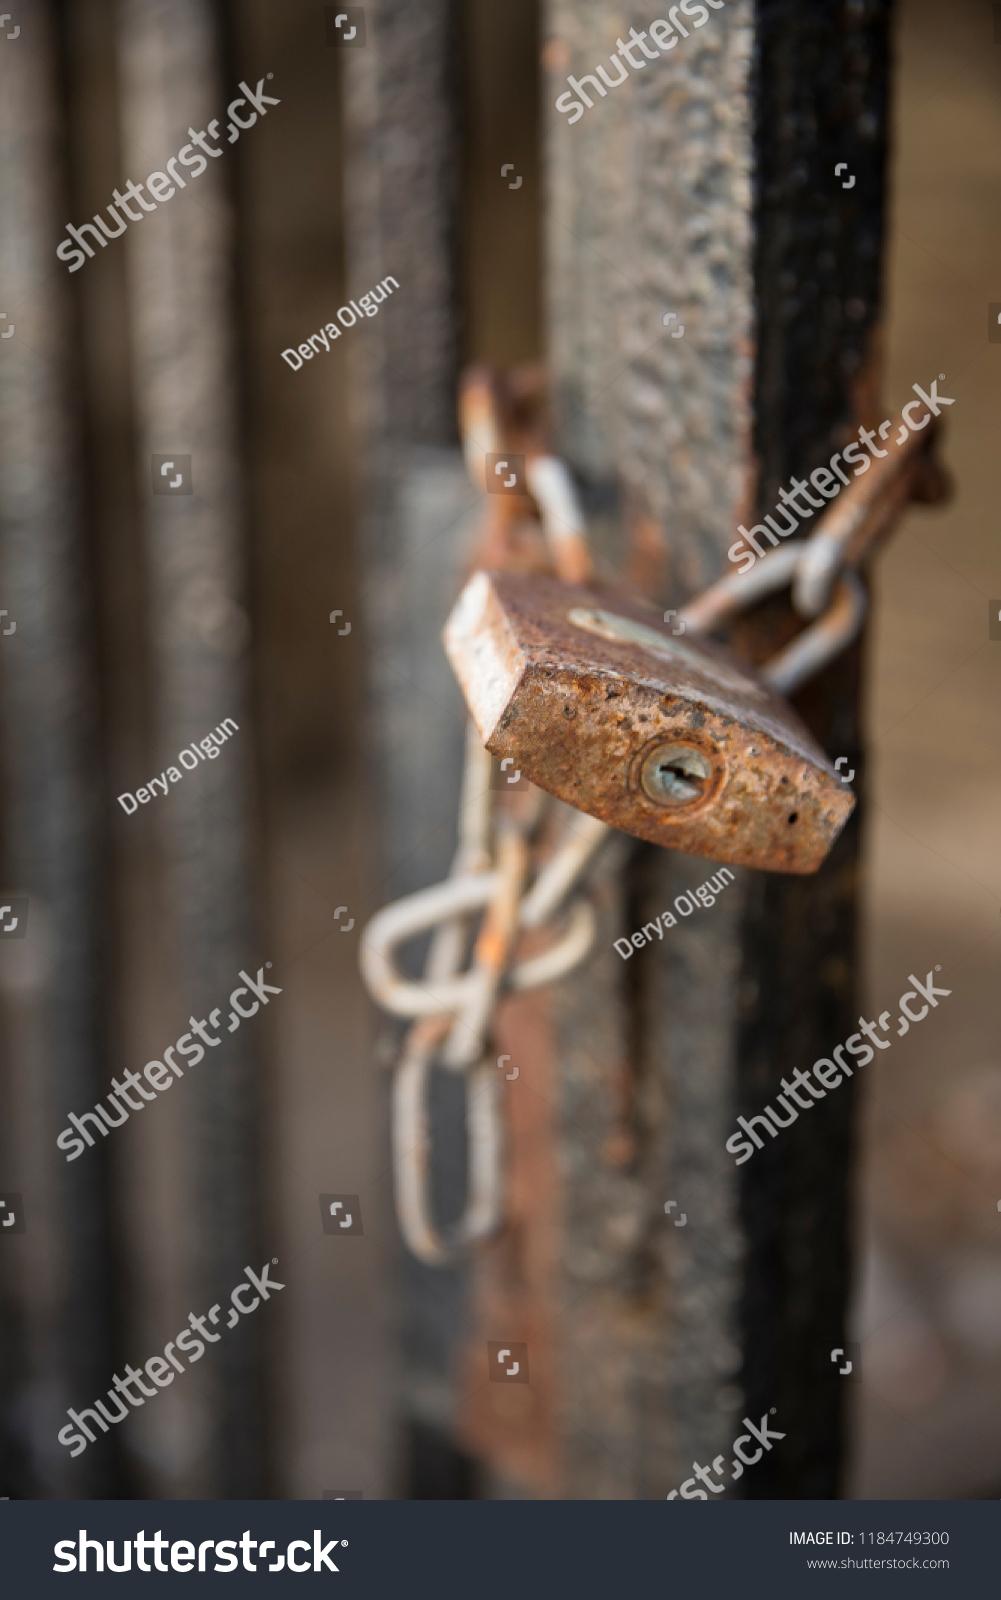 Locked Door Security Stock Photo Edit Now 1184749300 Shutterstock